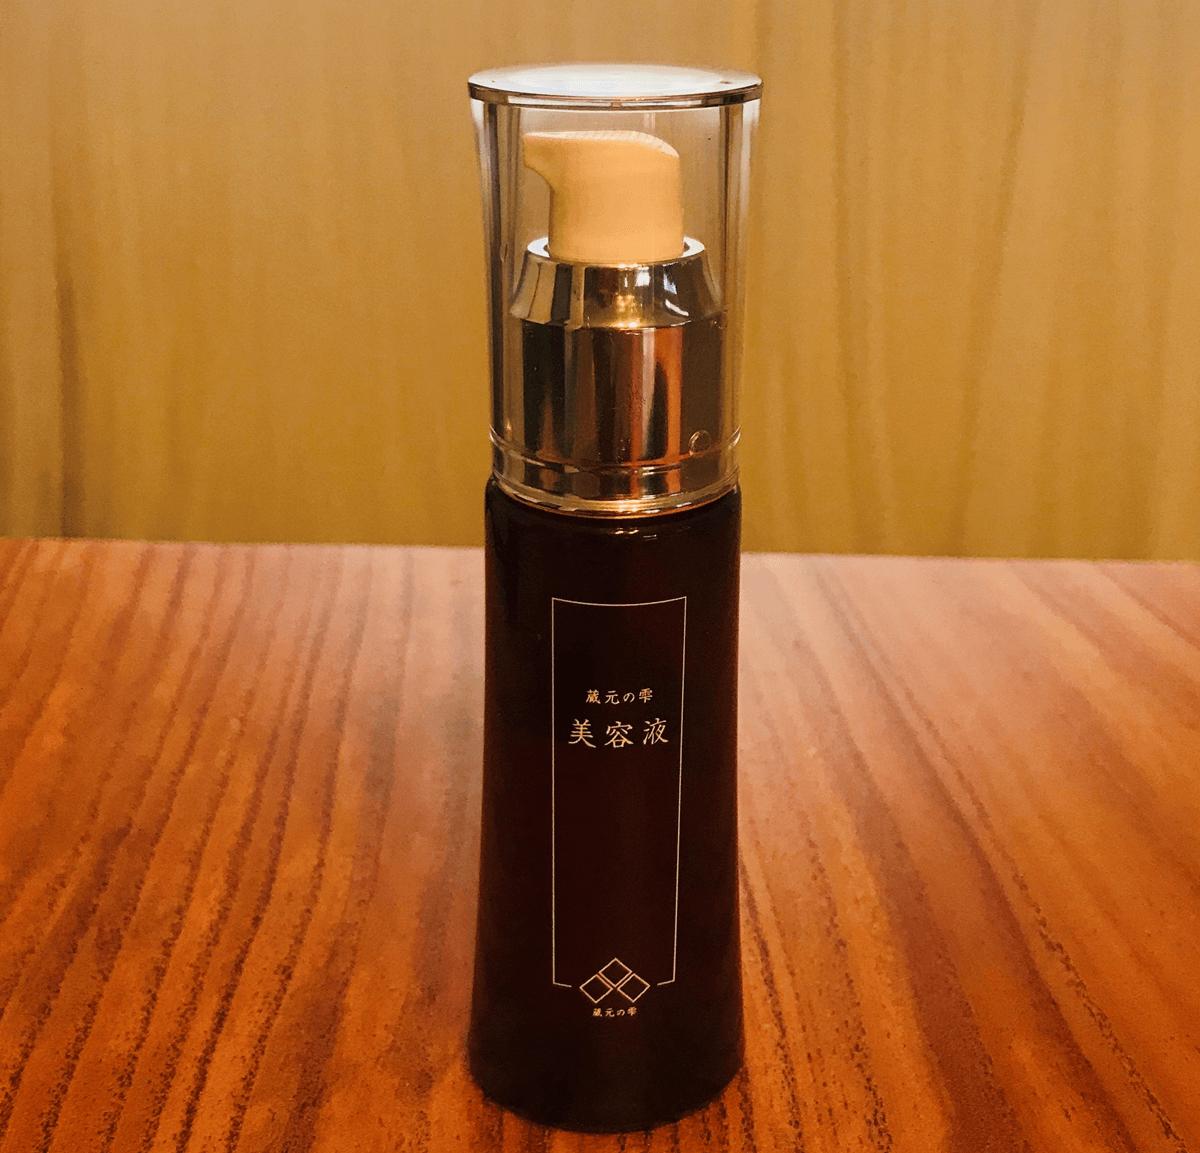 乾燥肌のためのスキンケア,蔵元の雫 SK美容液